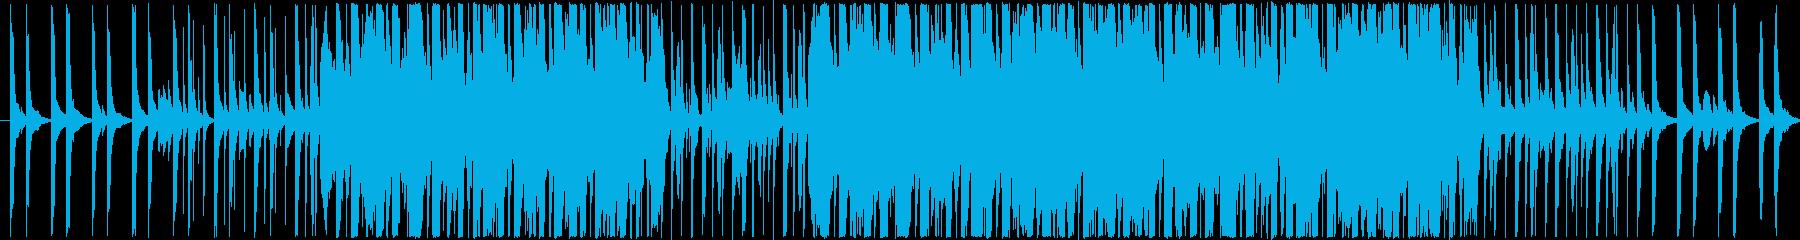 バイオリンを主体としたテクノロックの再生済みの波形